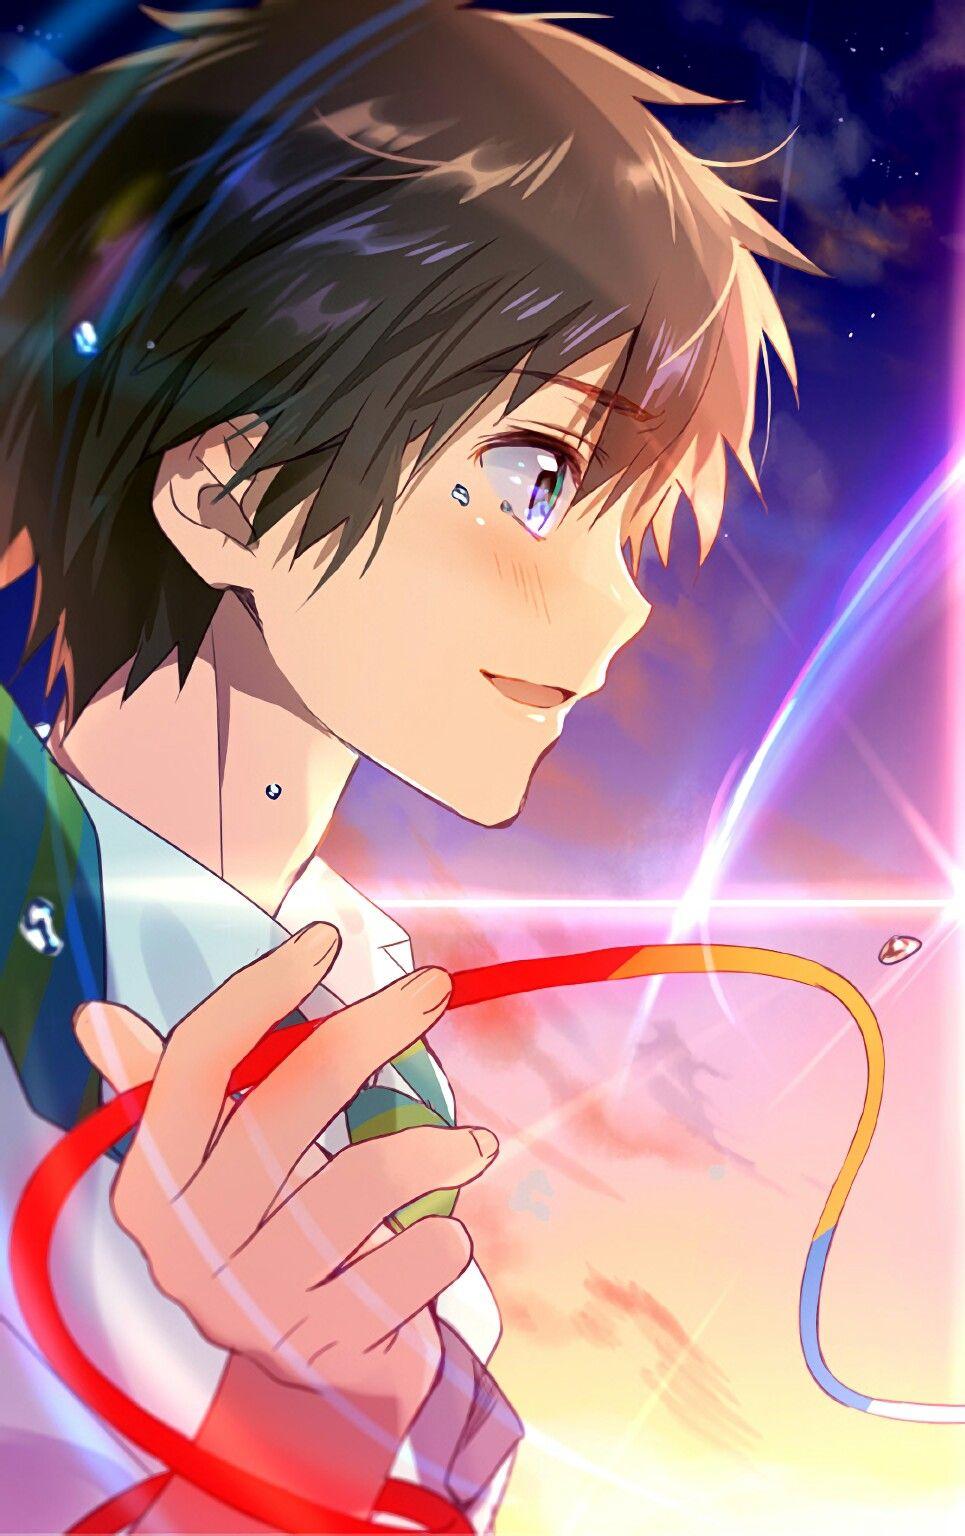 La otra mitad Your Name Fondo de anime, Imagenes de